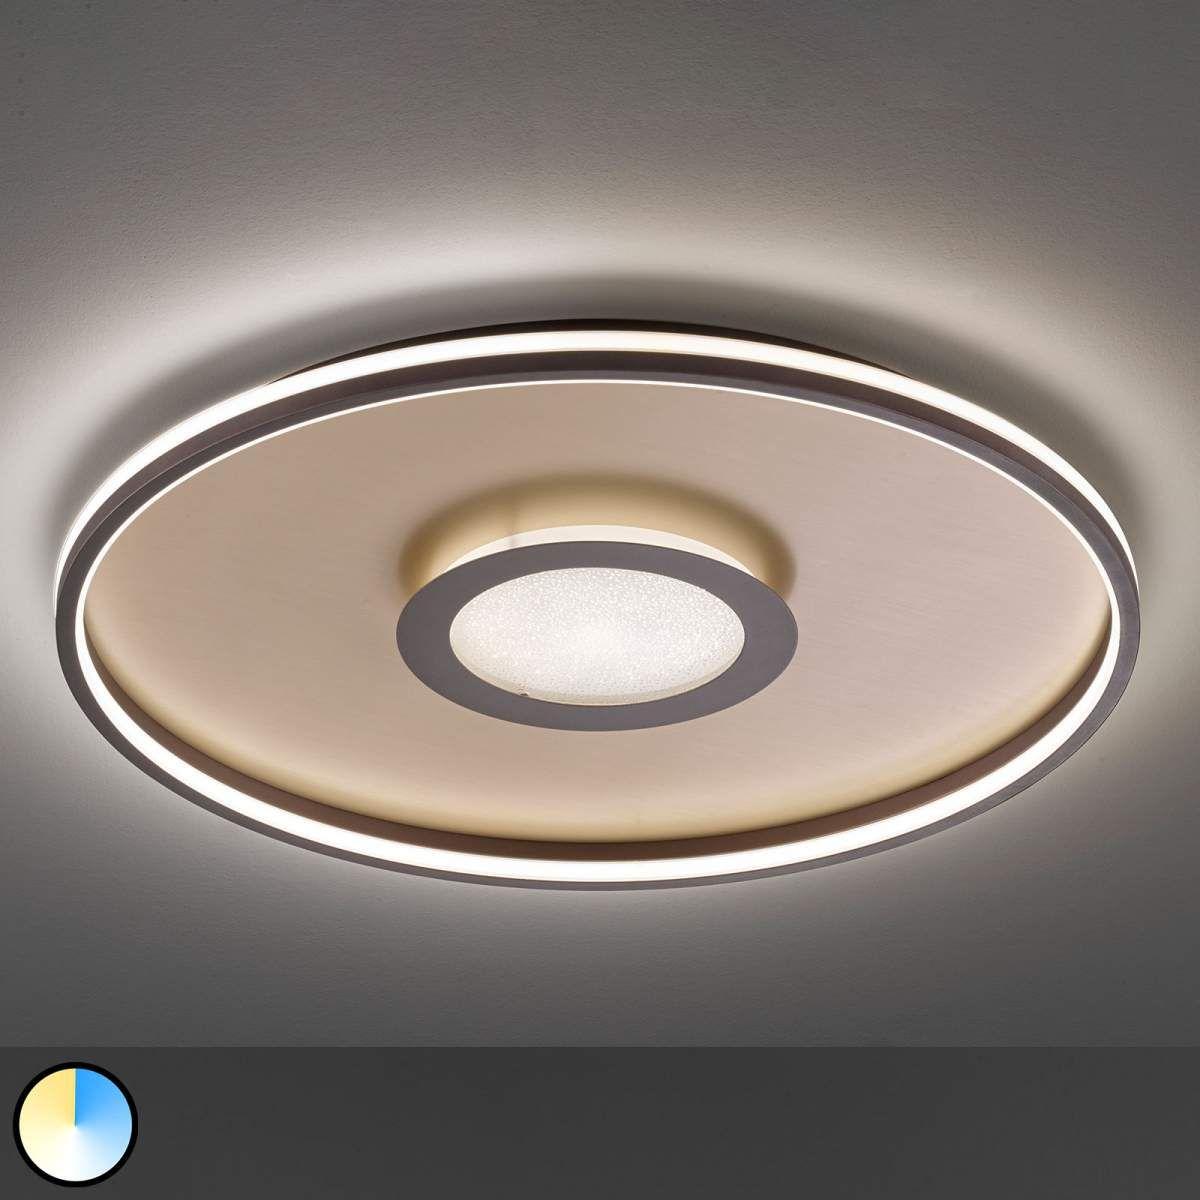 LED Deckenleuchte Joline Rostbraun Deckenlampe Rund